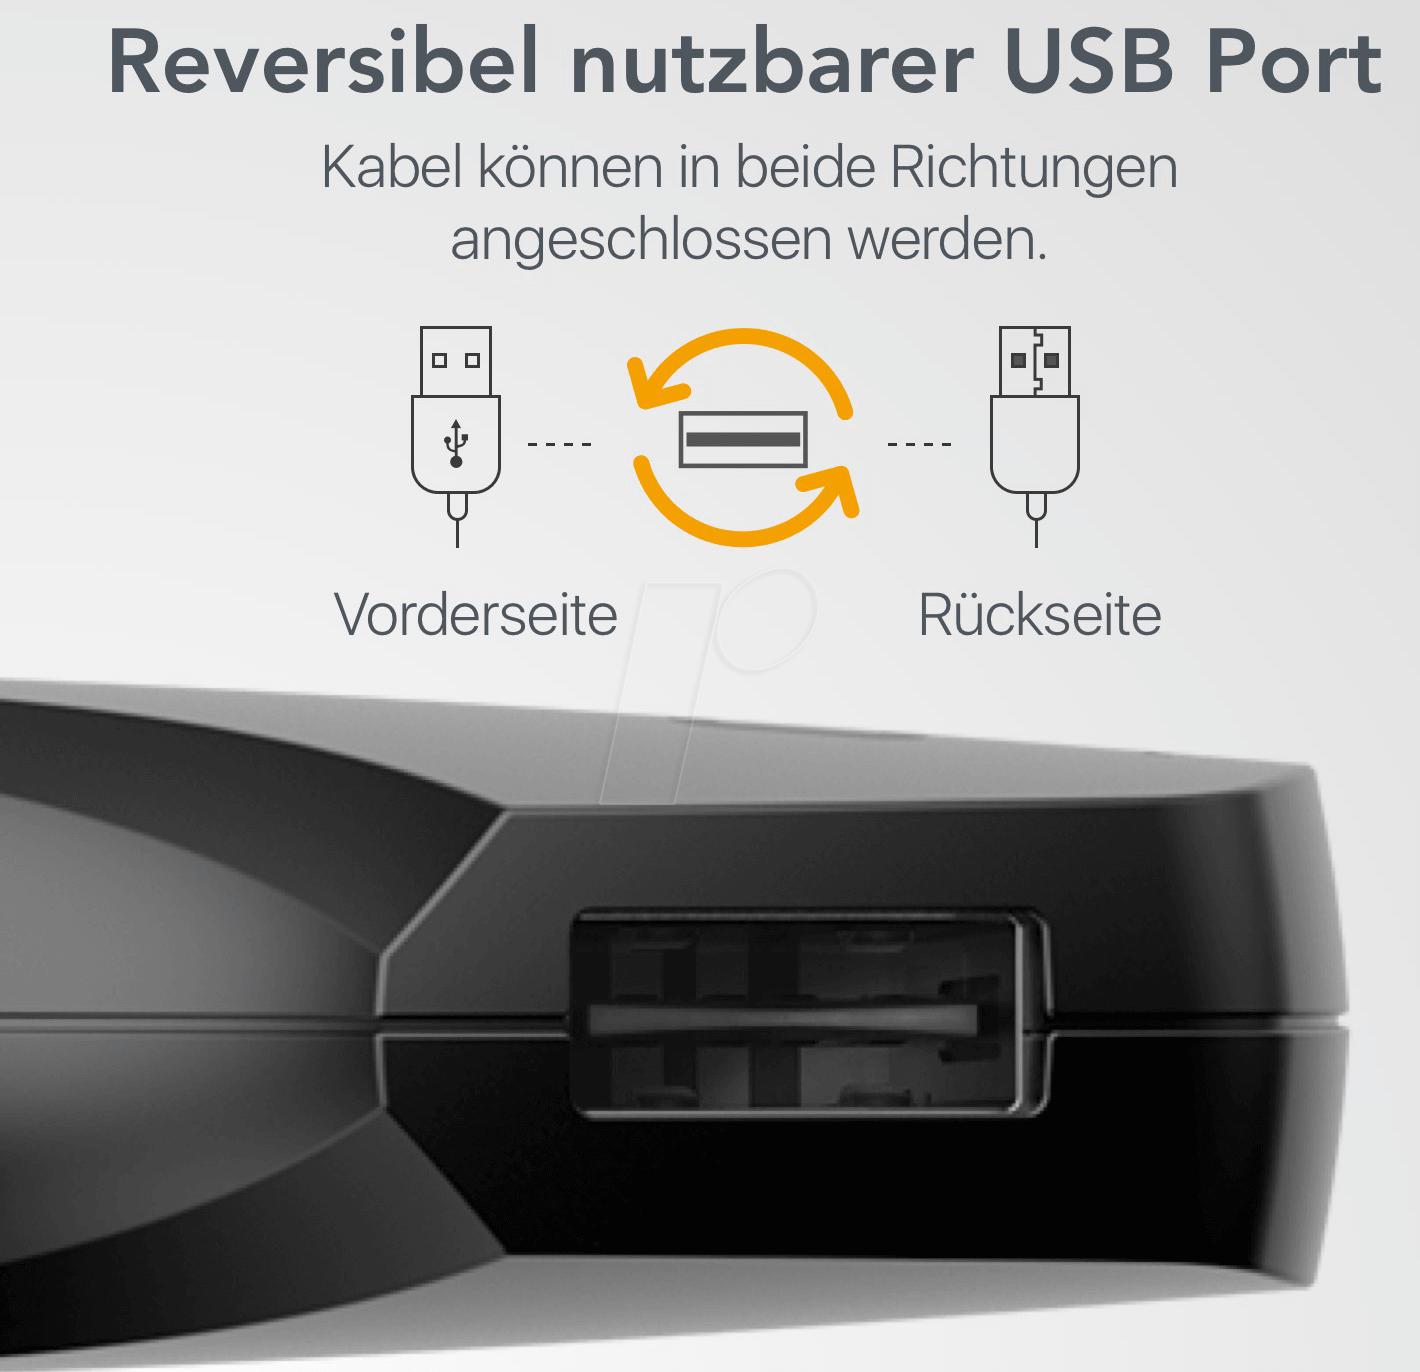 https://cdn-reichelt.de/bilder/web/xxl_ws/D400/NONDA_ZUS_USB_02.png